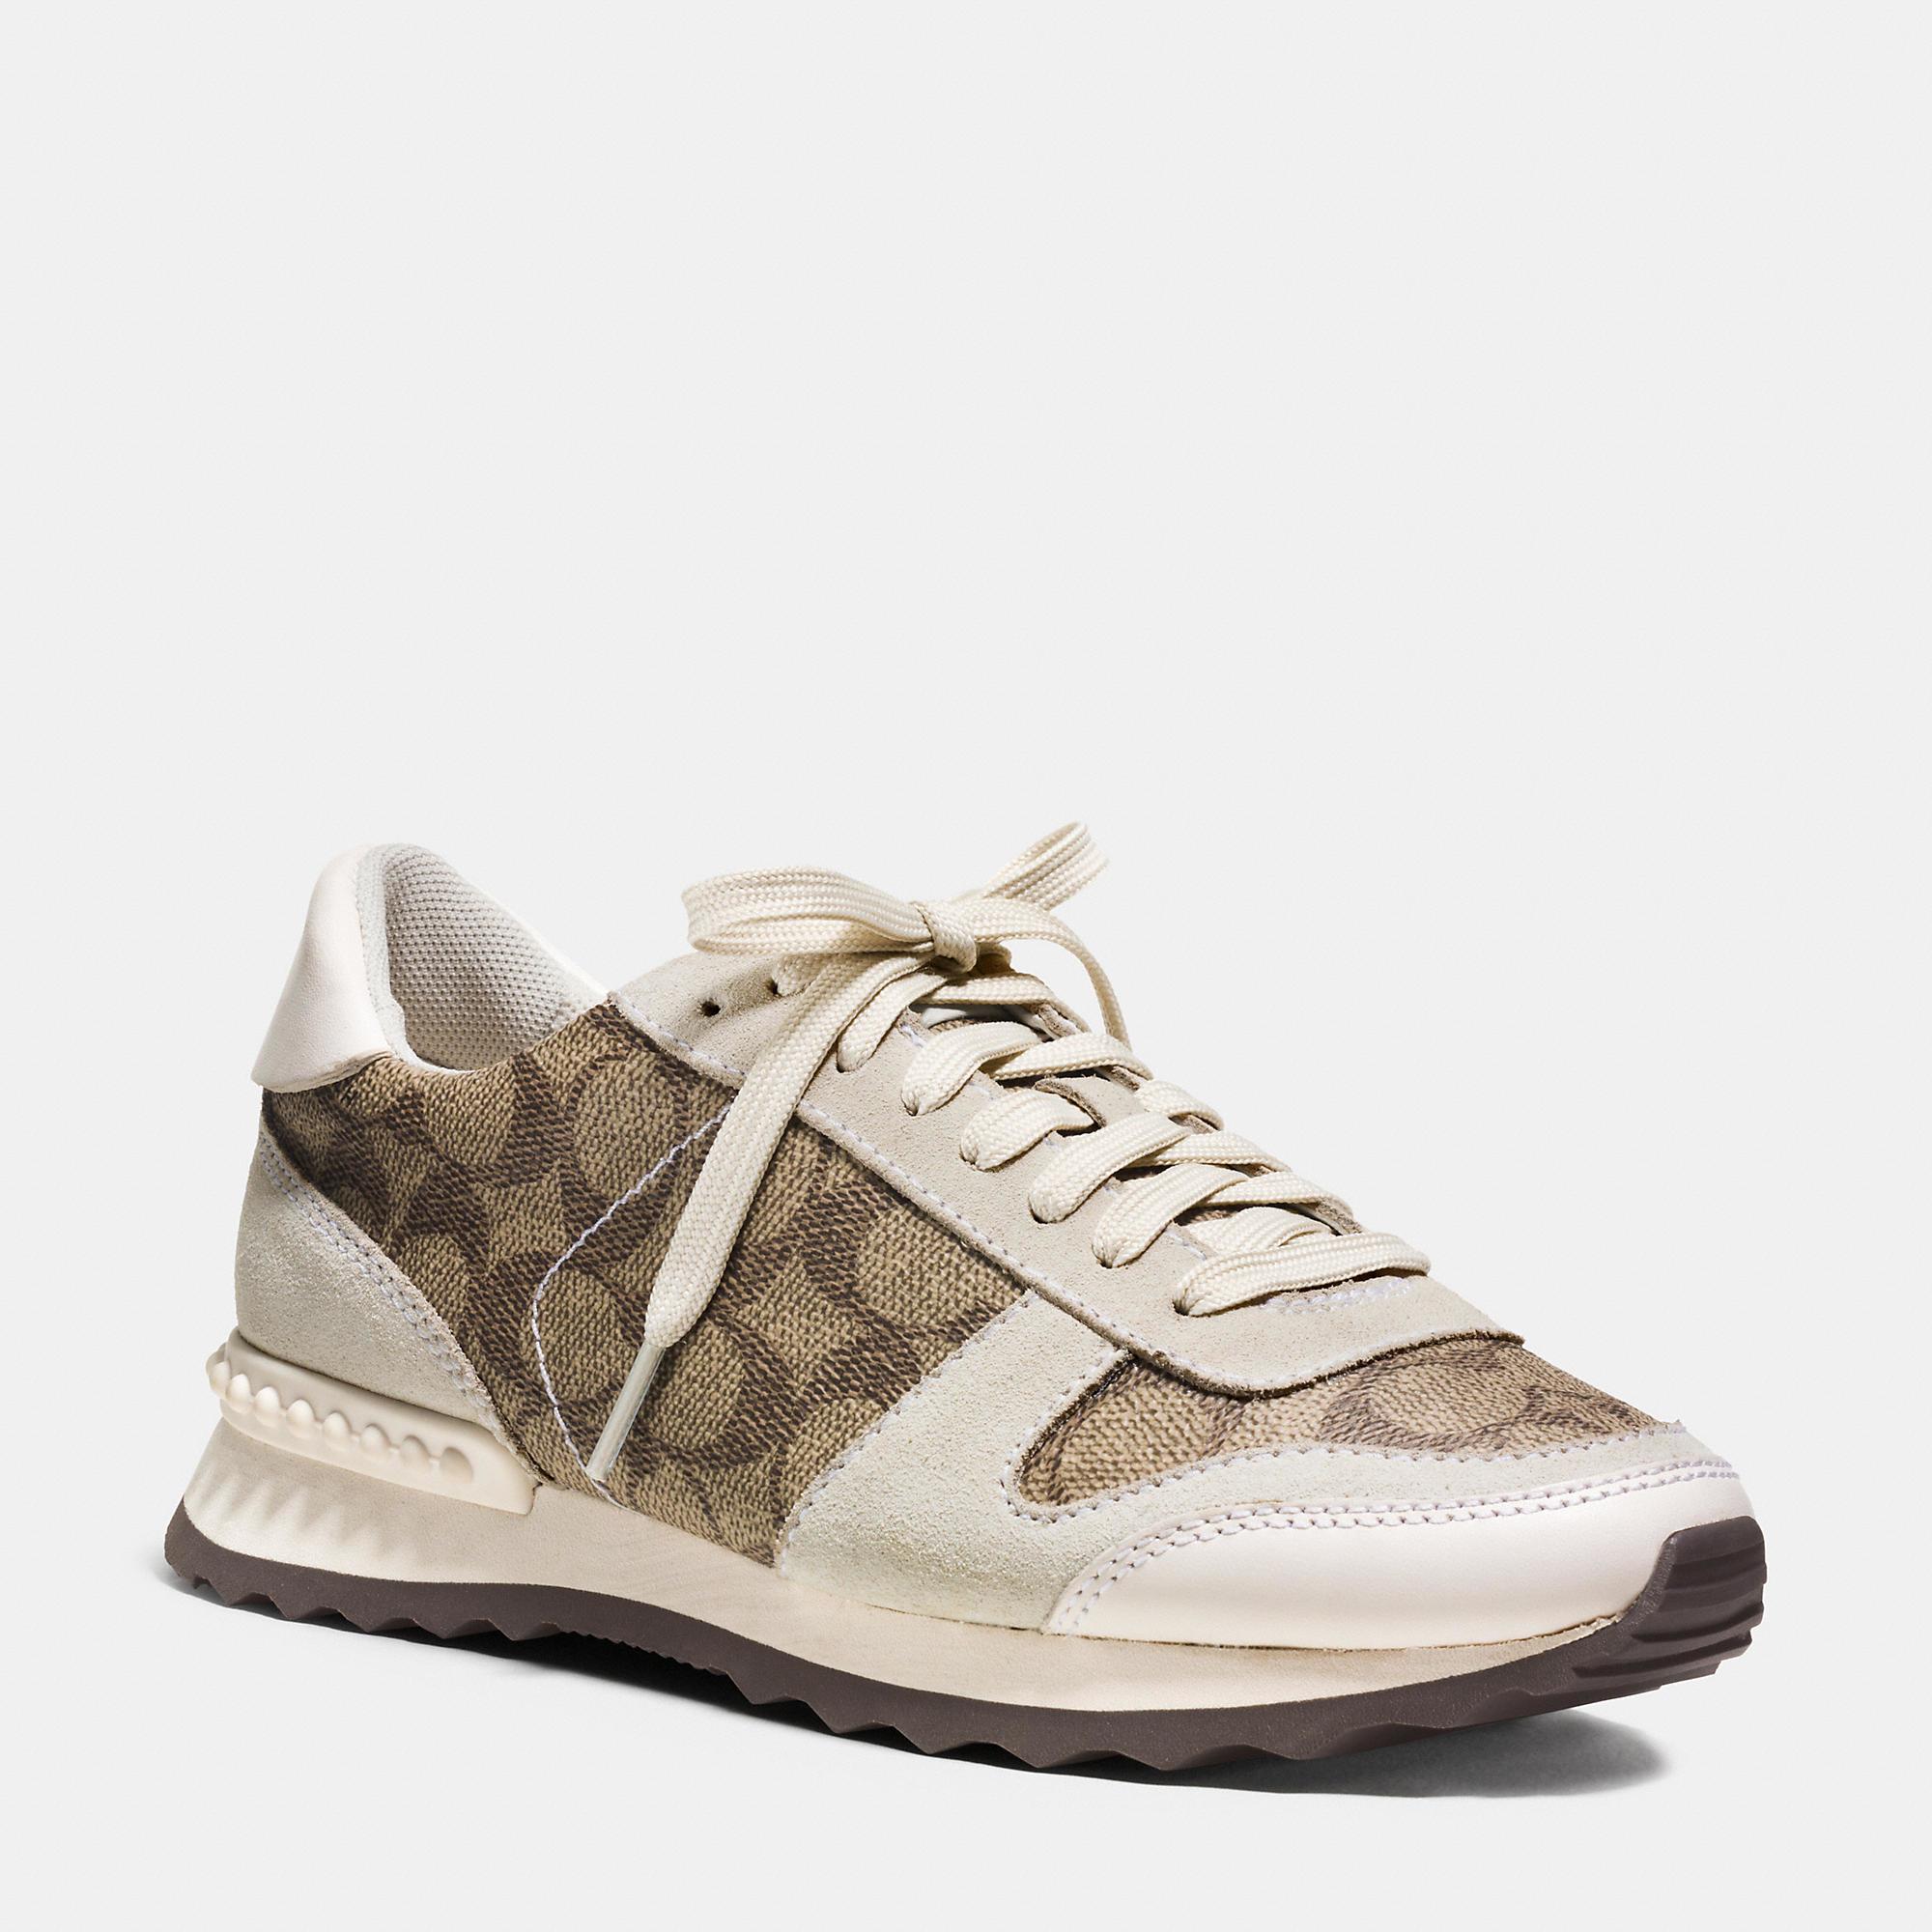 Balmain Women S Shoes